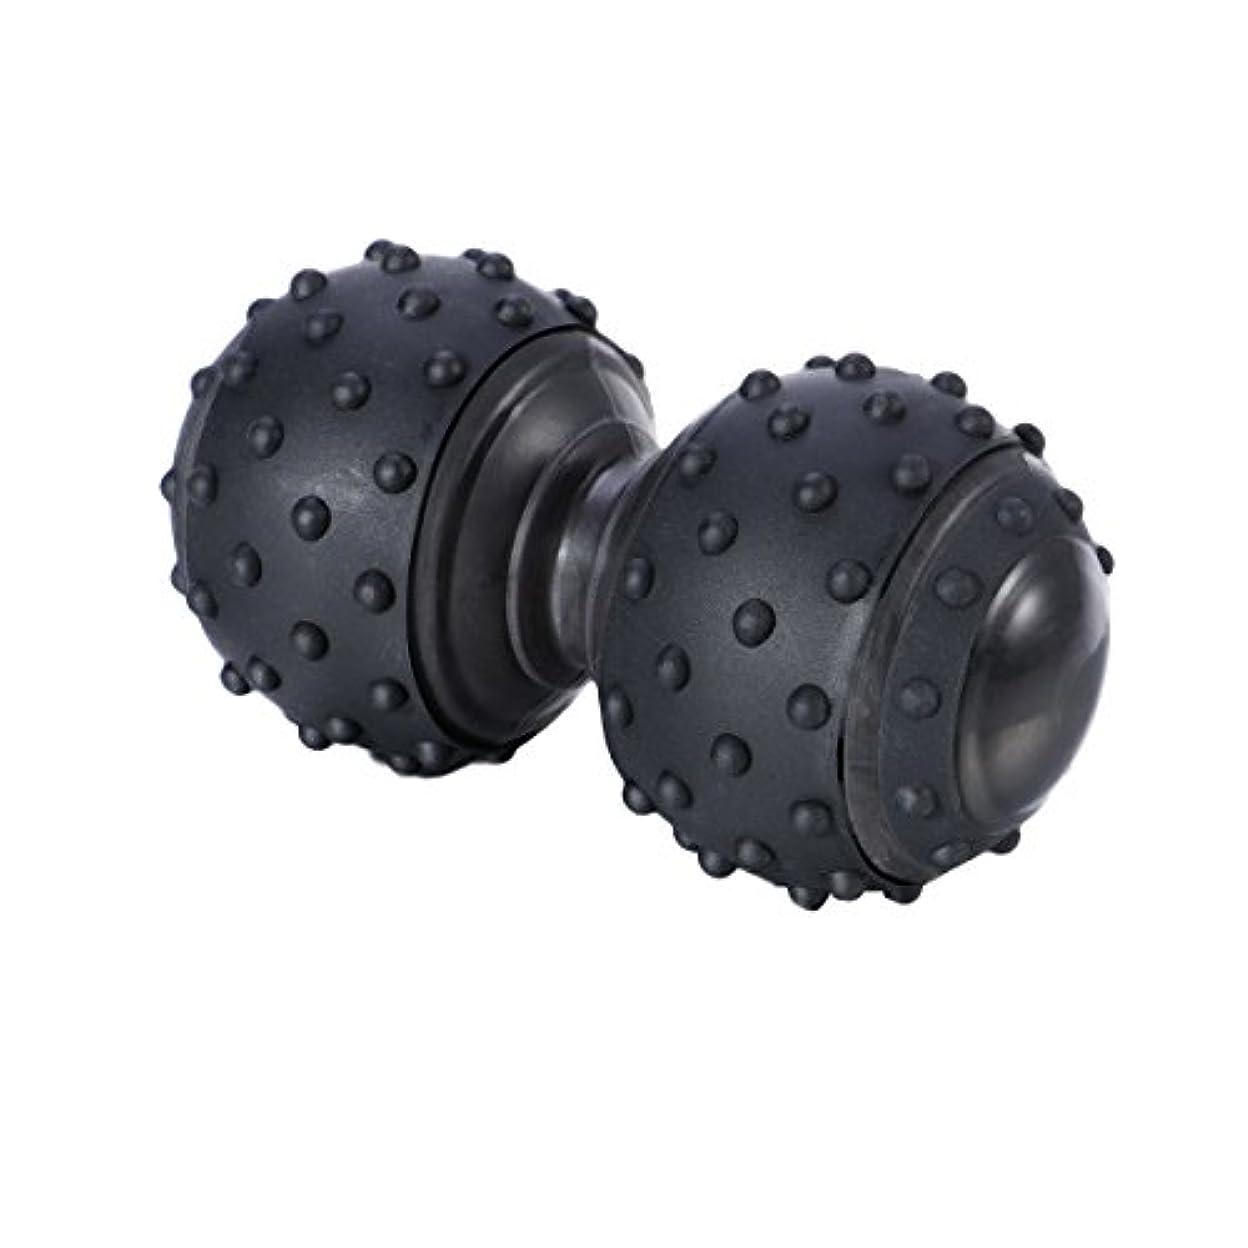 コミットデータム時ROSENICE 治療ボール 体の緊張と筋肉の痛みを和らげる シリコンマッサージボール(ブラック)